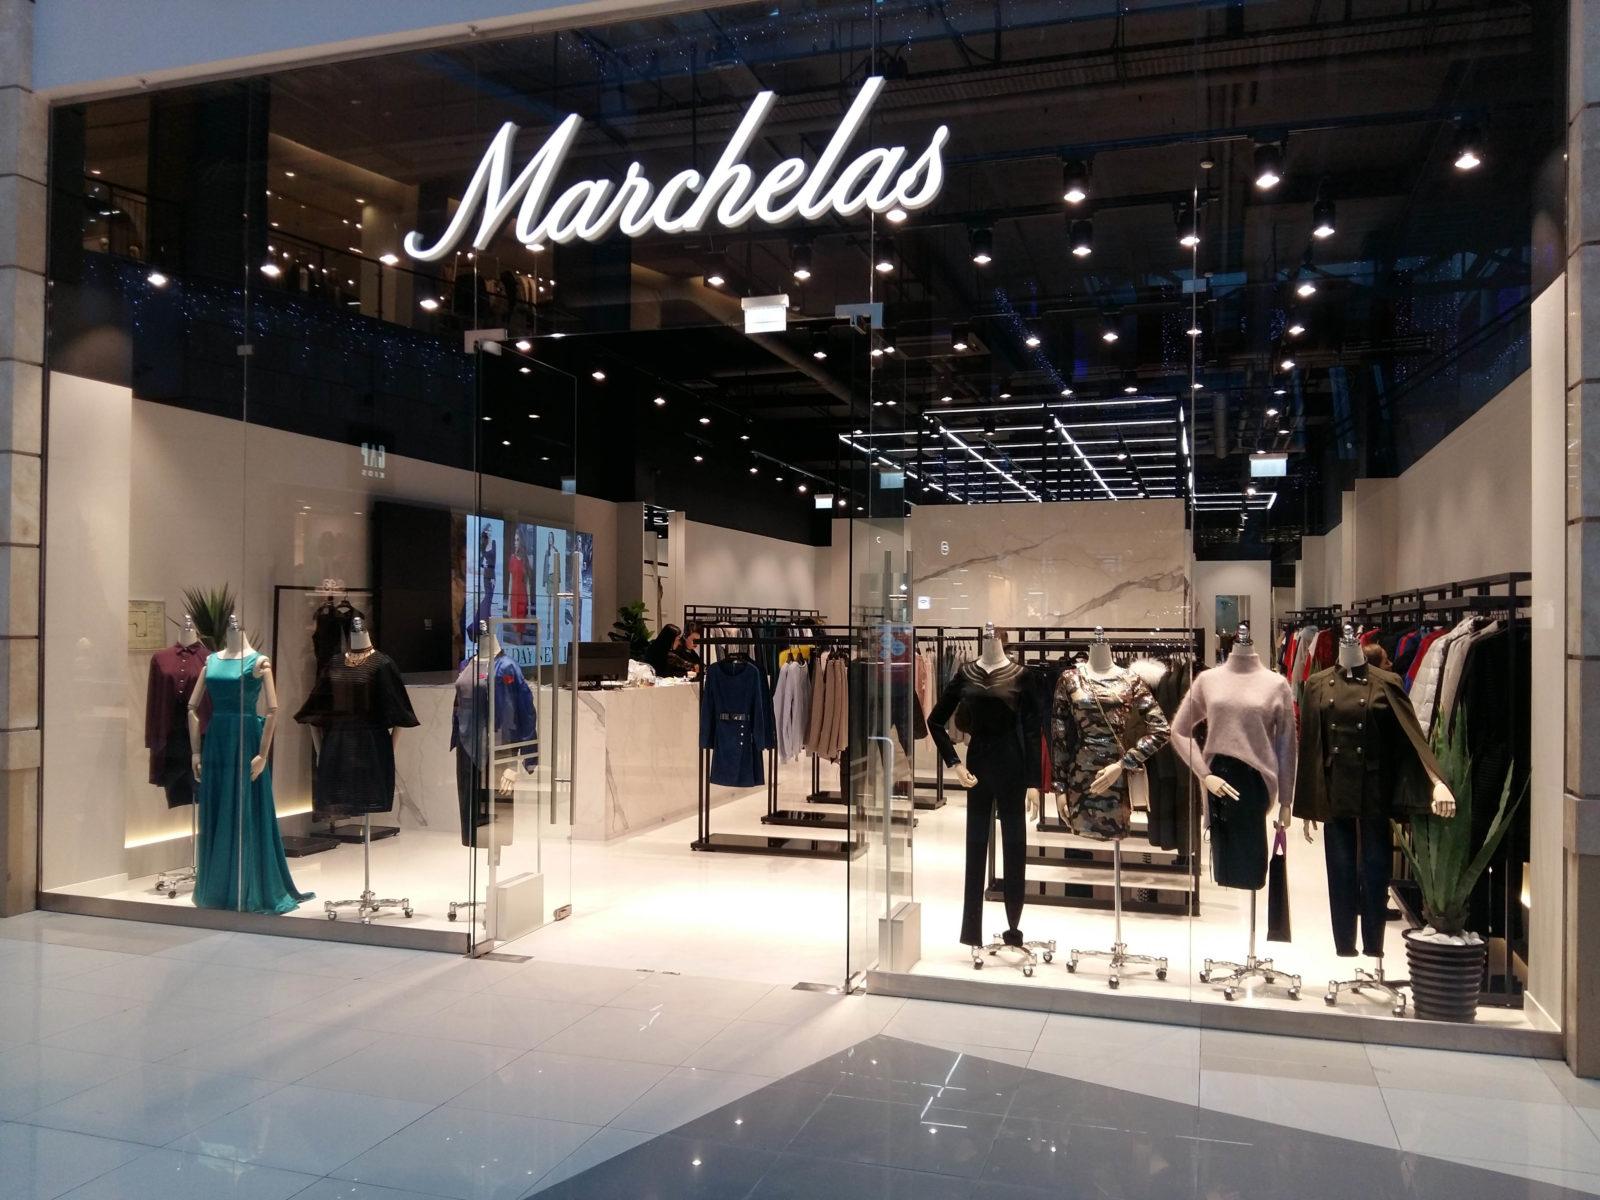 Marchelas7